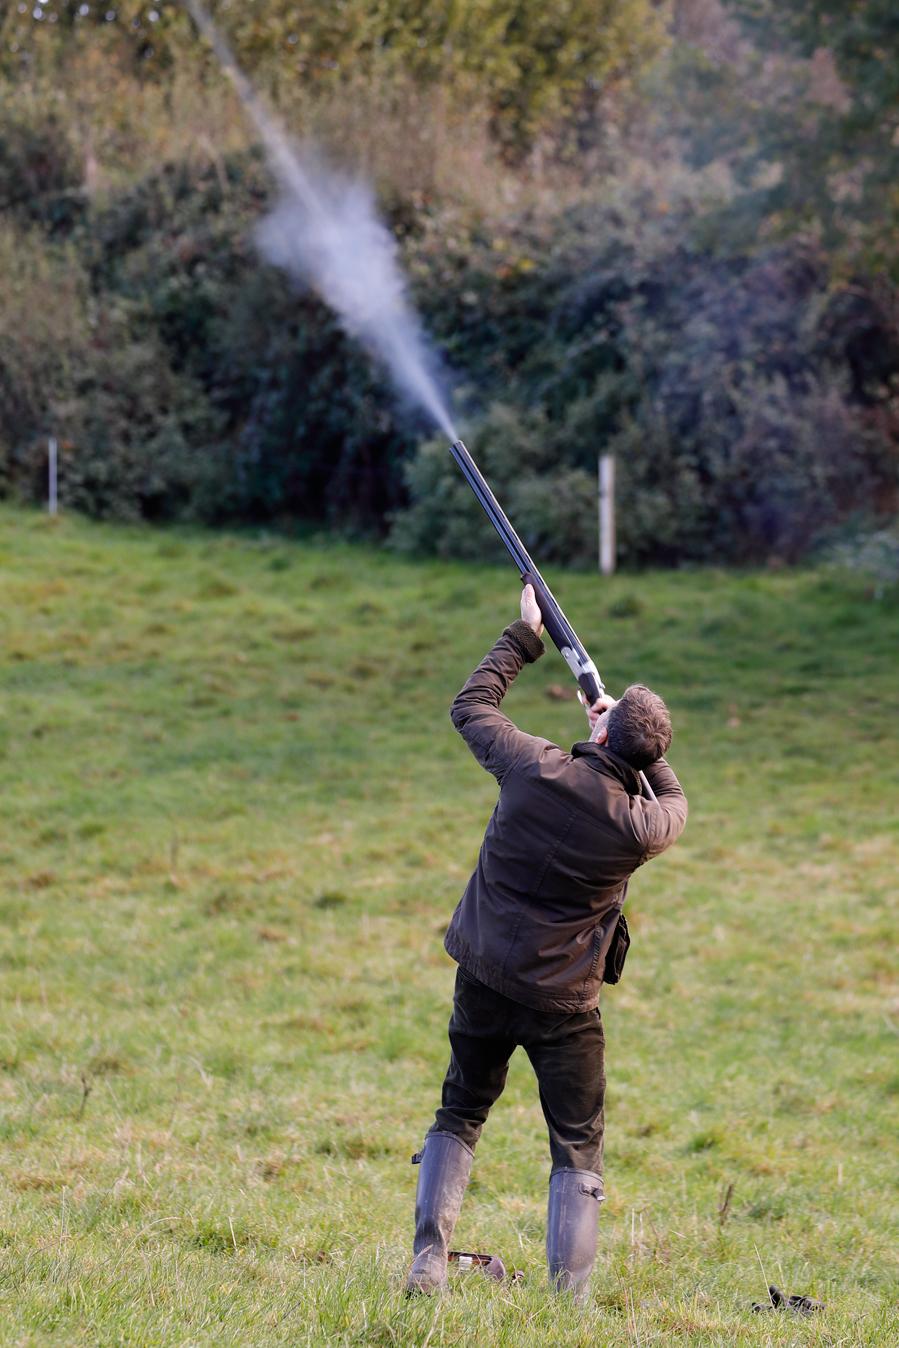 Field sports photography. Gun shoots at driven pheasant